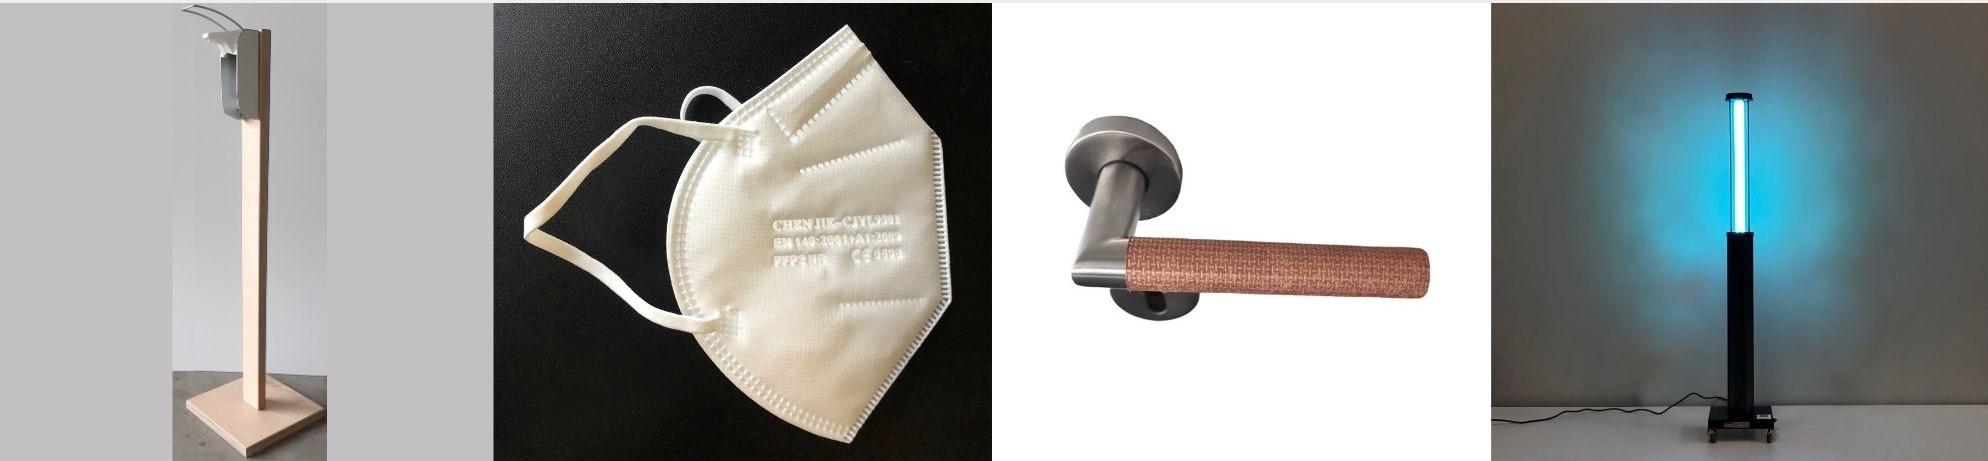 Hygiene-Schutzzubehör